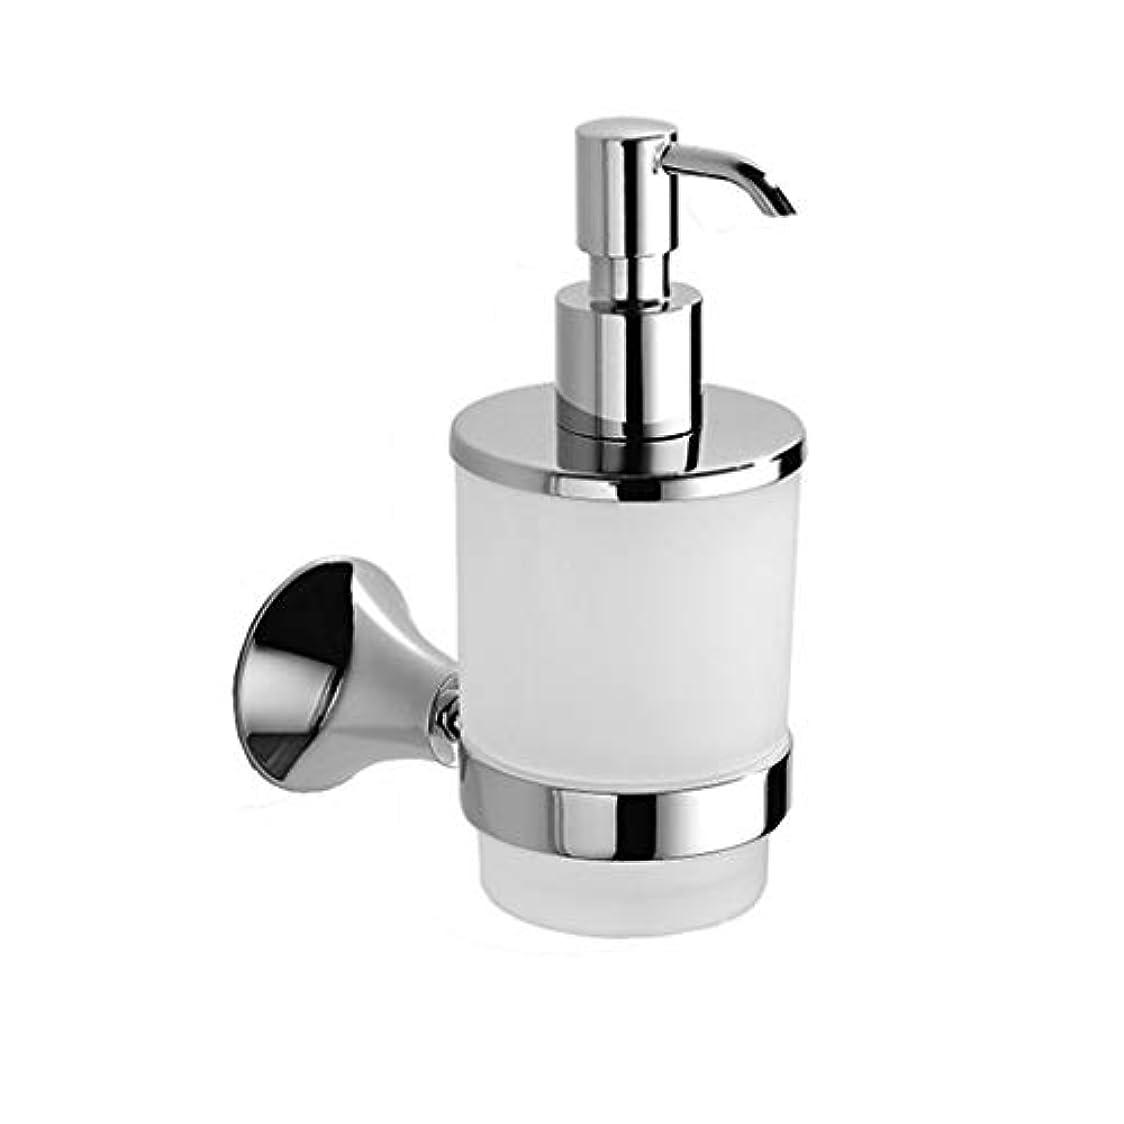 内訳デンマーク磁器Kylinssh 台所の流し、ステンレス鋼、商業用等級の液体皿ディスペンサーポンプのための石鹸ディスペンサー、設計300mlで造られて